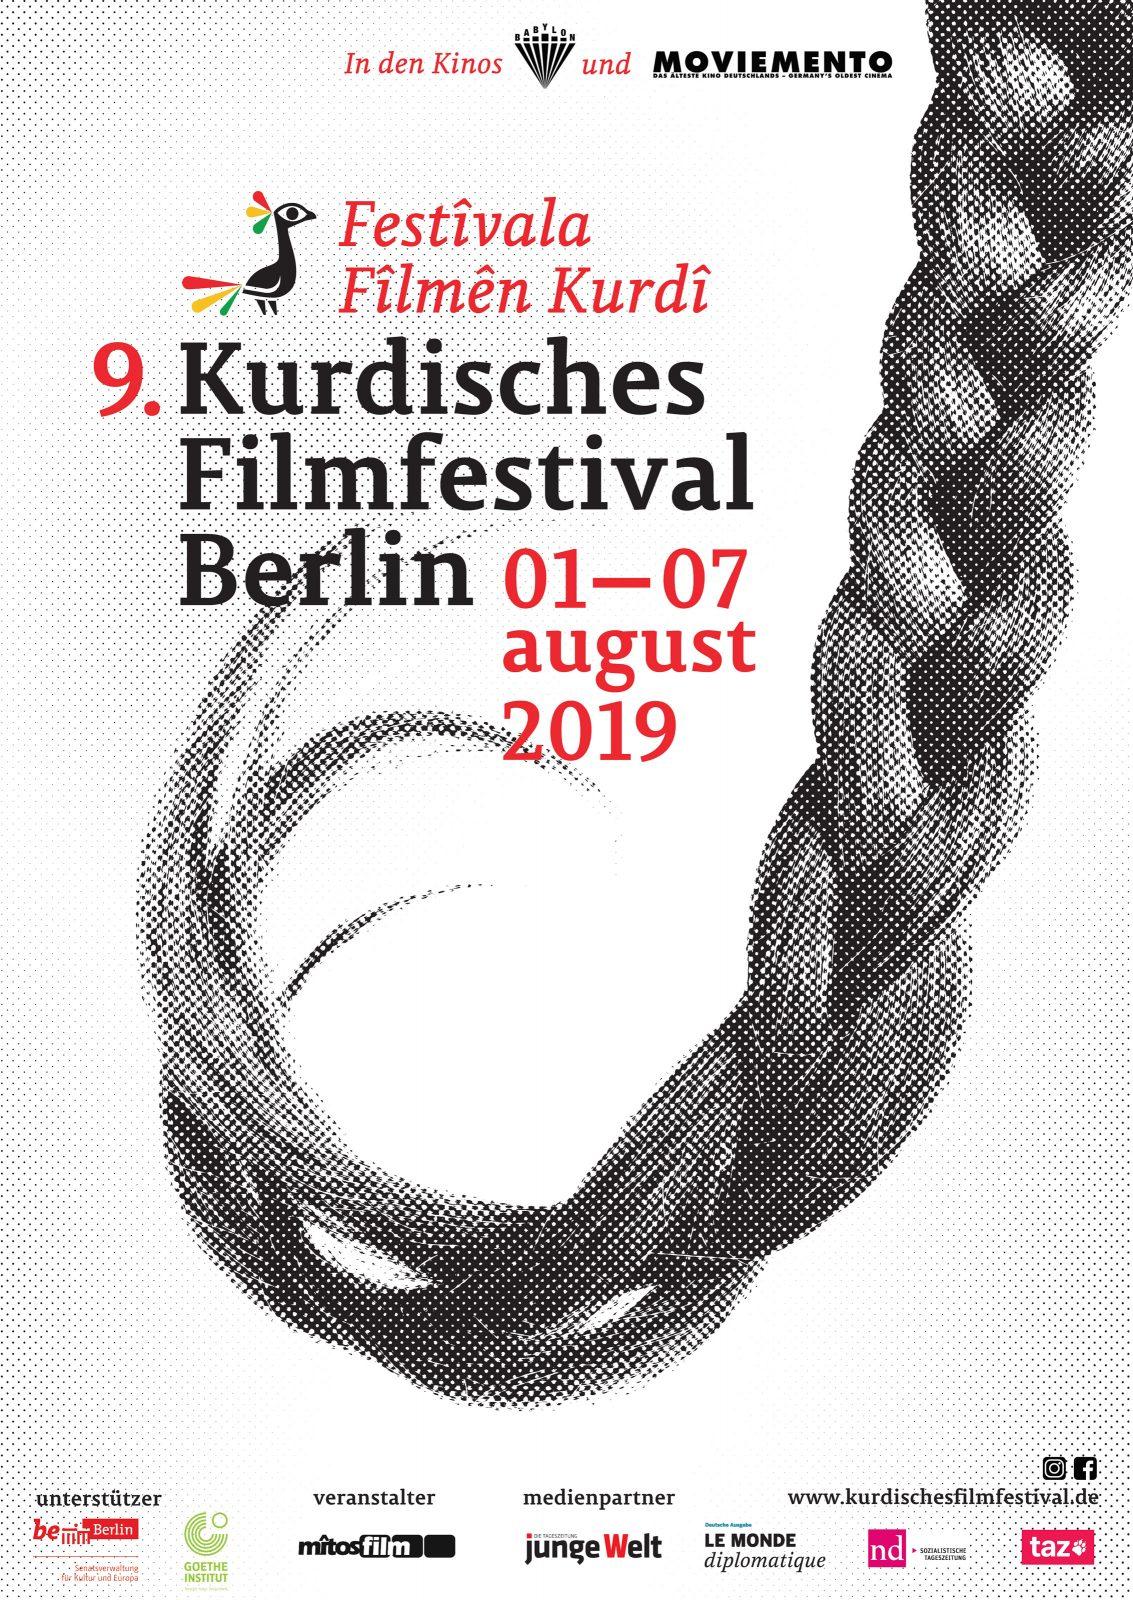 Besucherrekord beim 9. Kurdischen Filmfestival Berlin